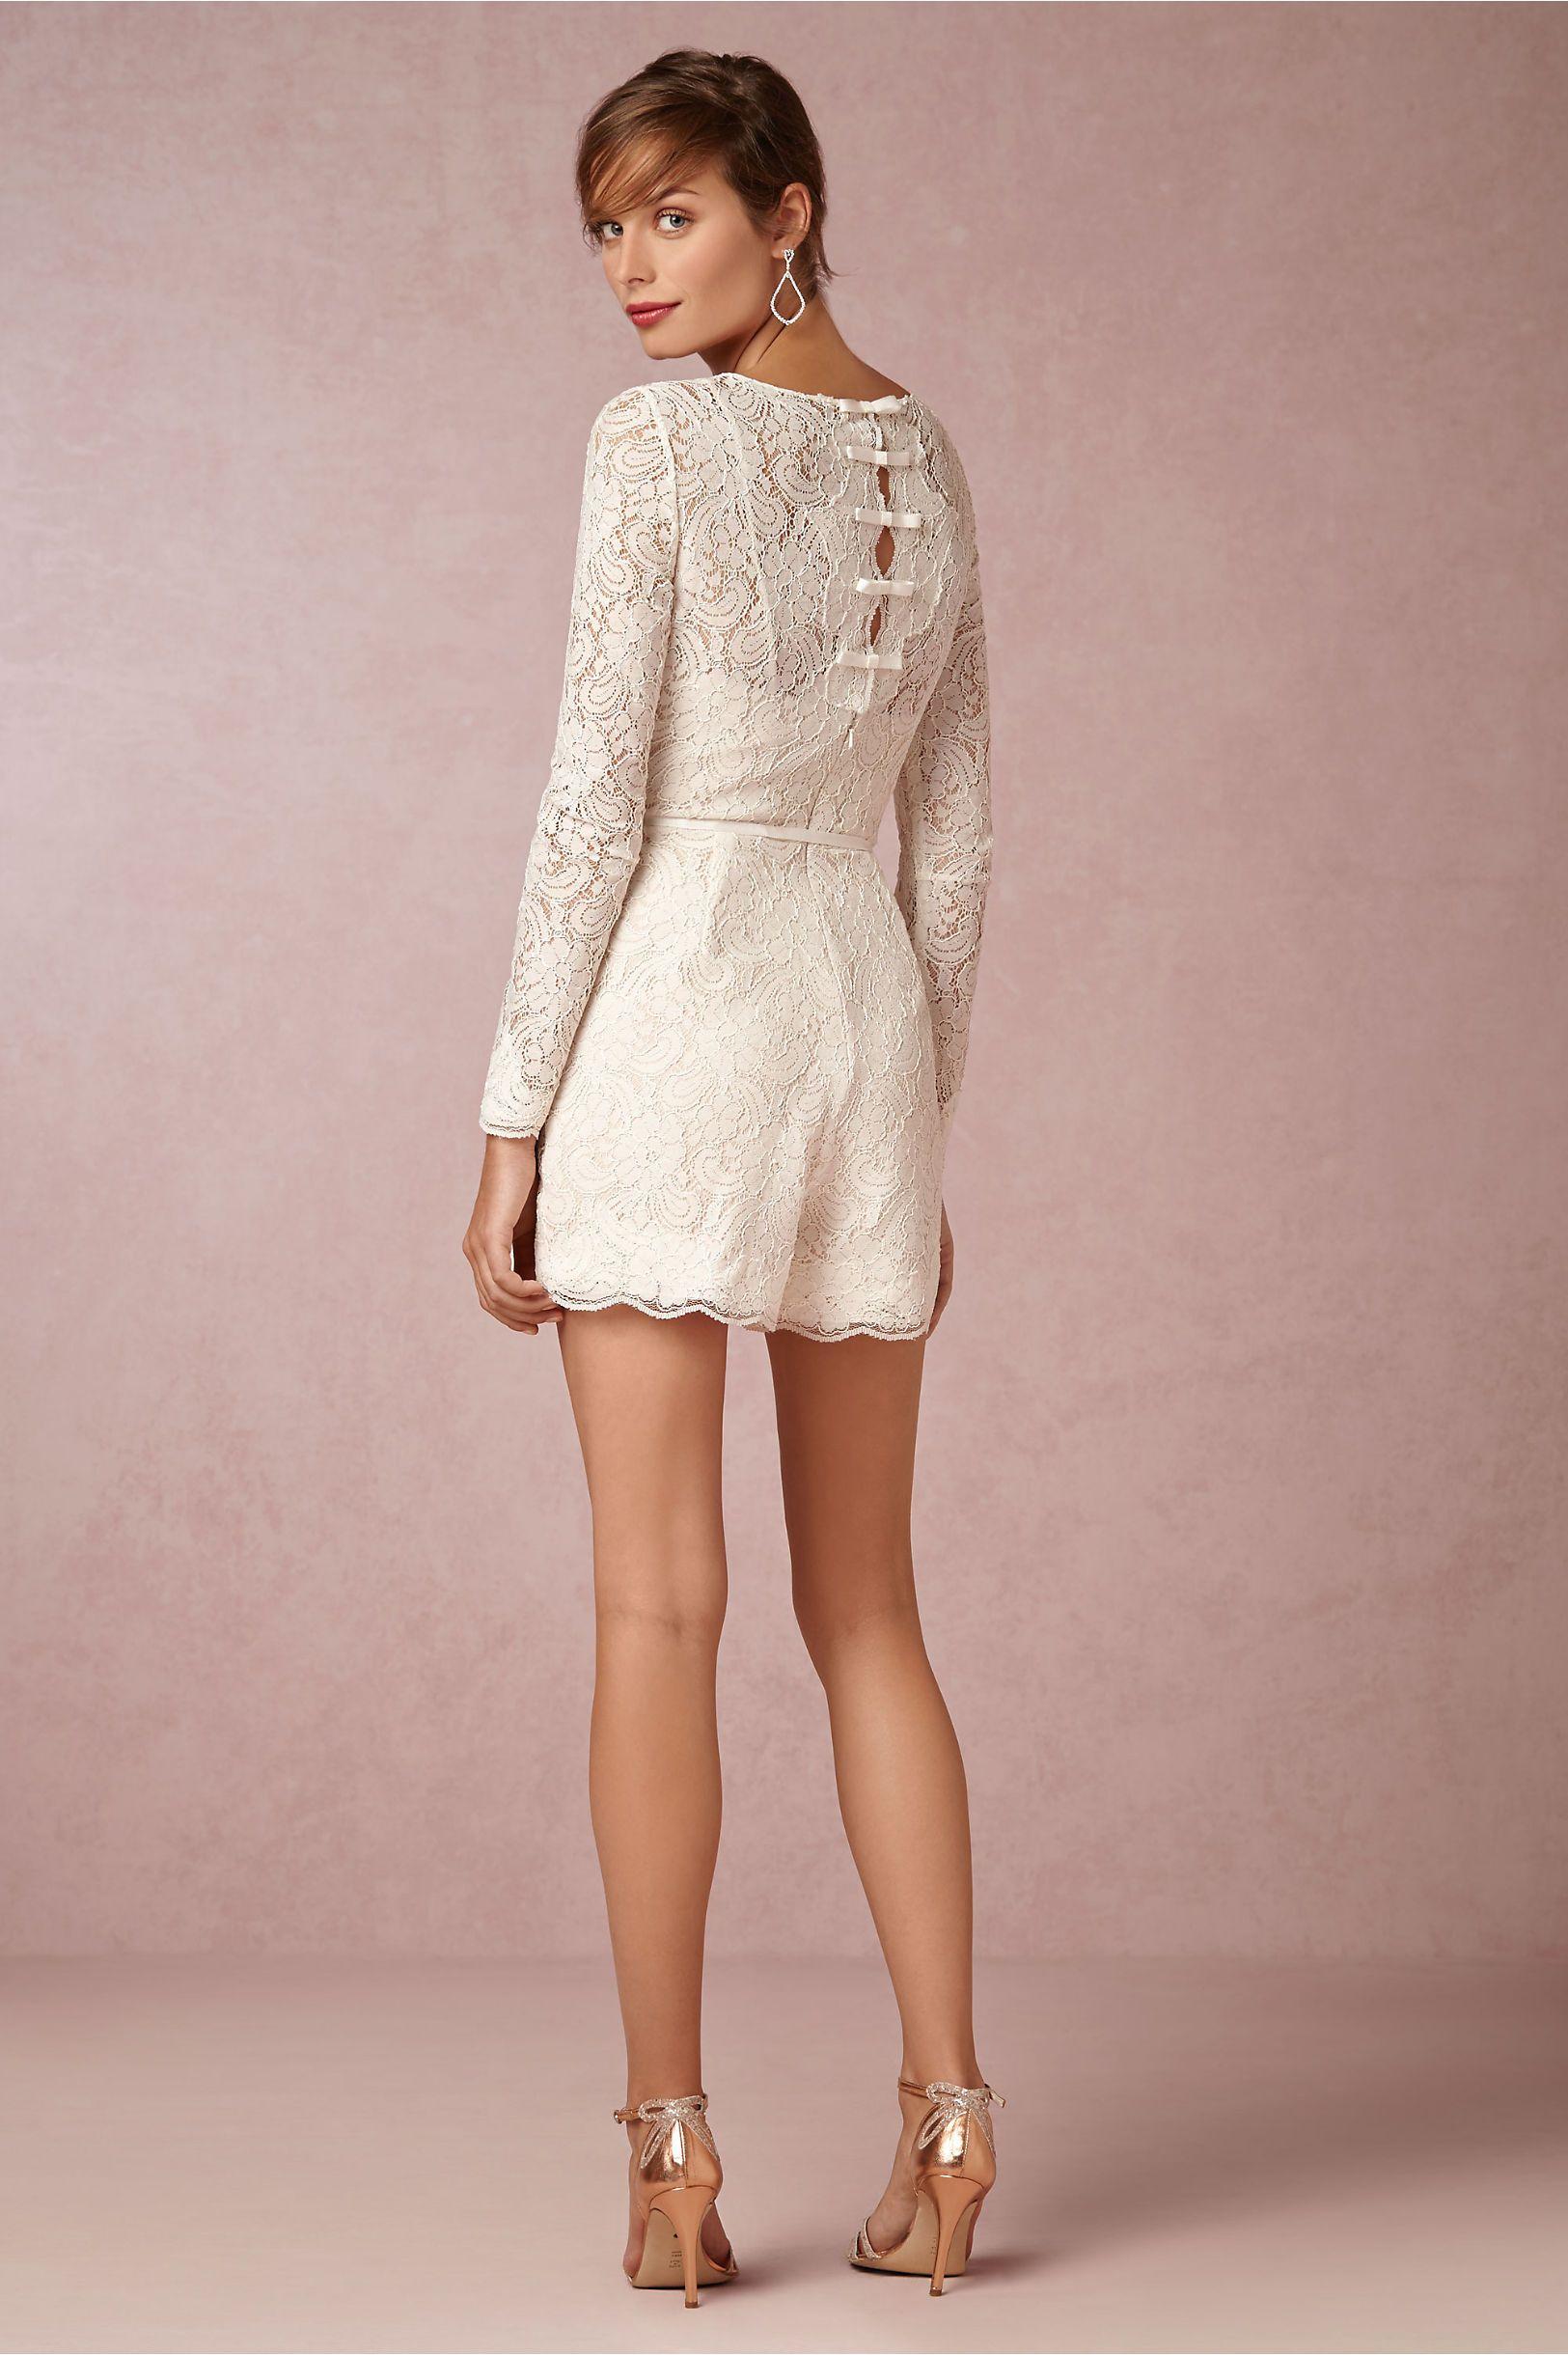 Prato Romper in Bride Reception Dresses at BHLDN cute, playful idea ...